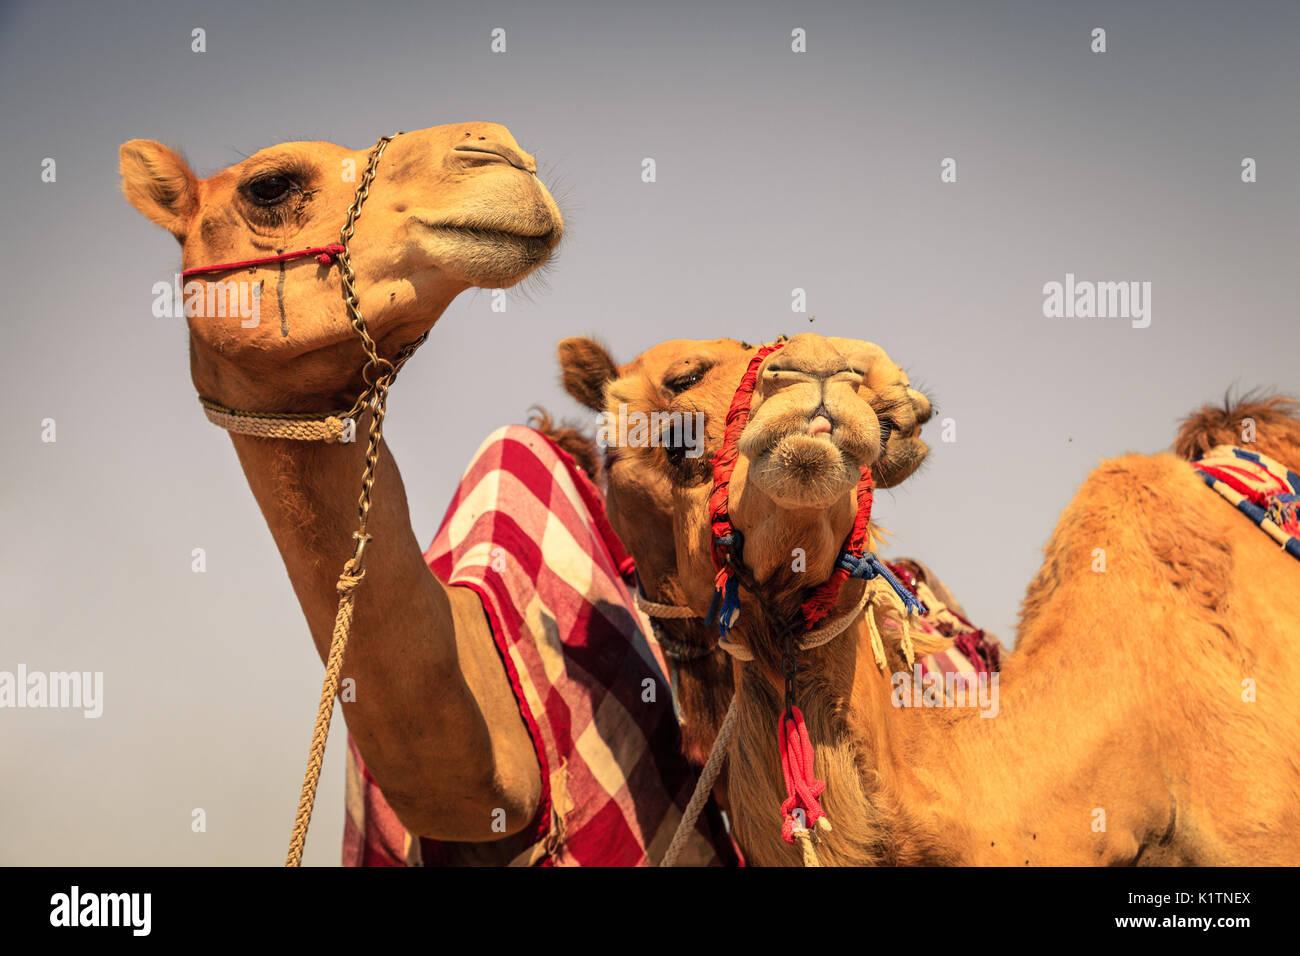 Course de chameaux à DUBAÏ, ÉMIRATS ARABES UNIS Club courses de chameaux Photo Stock